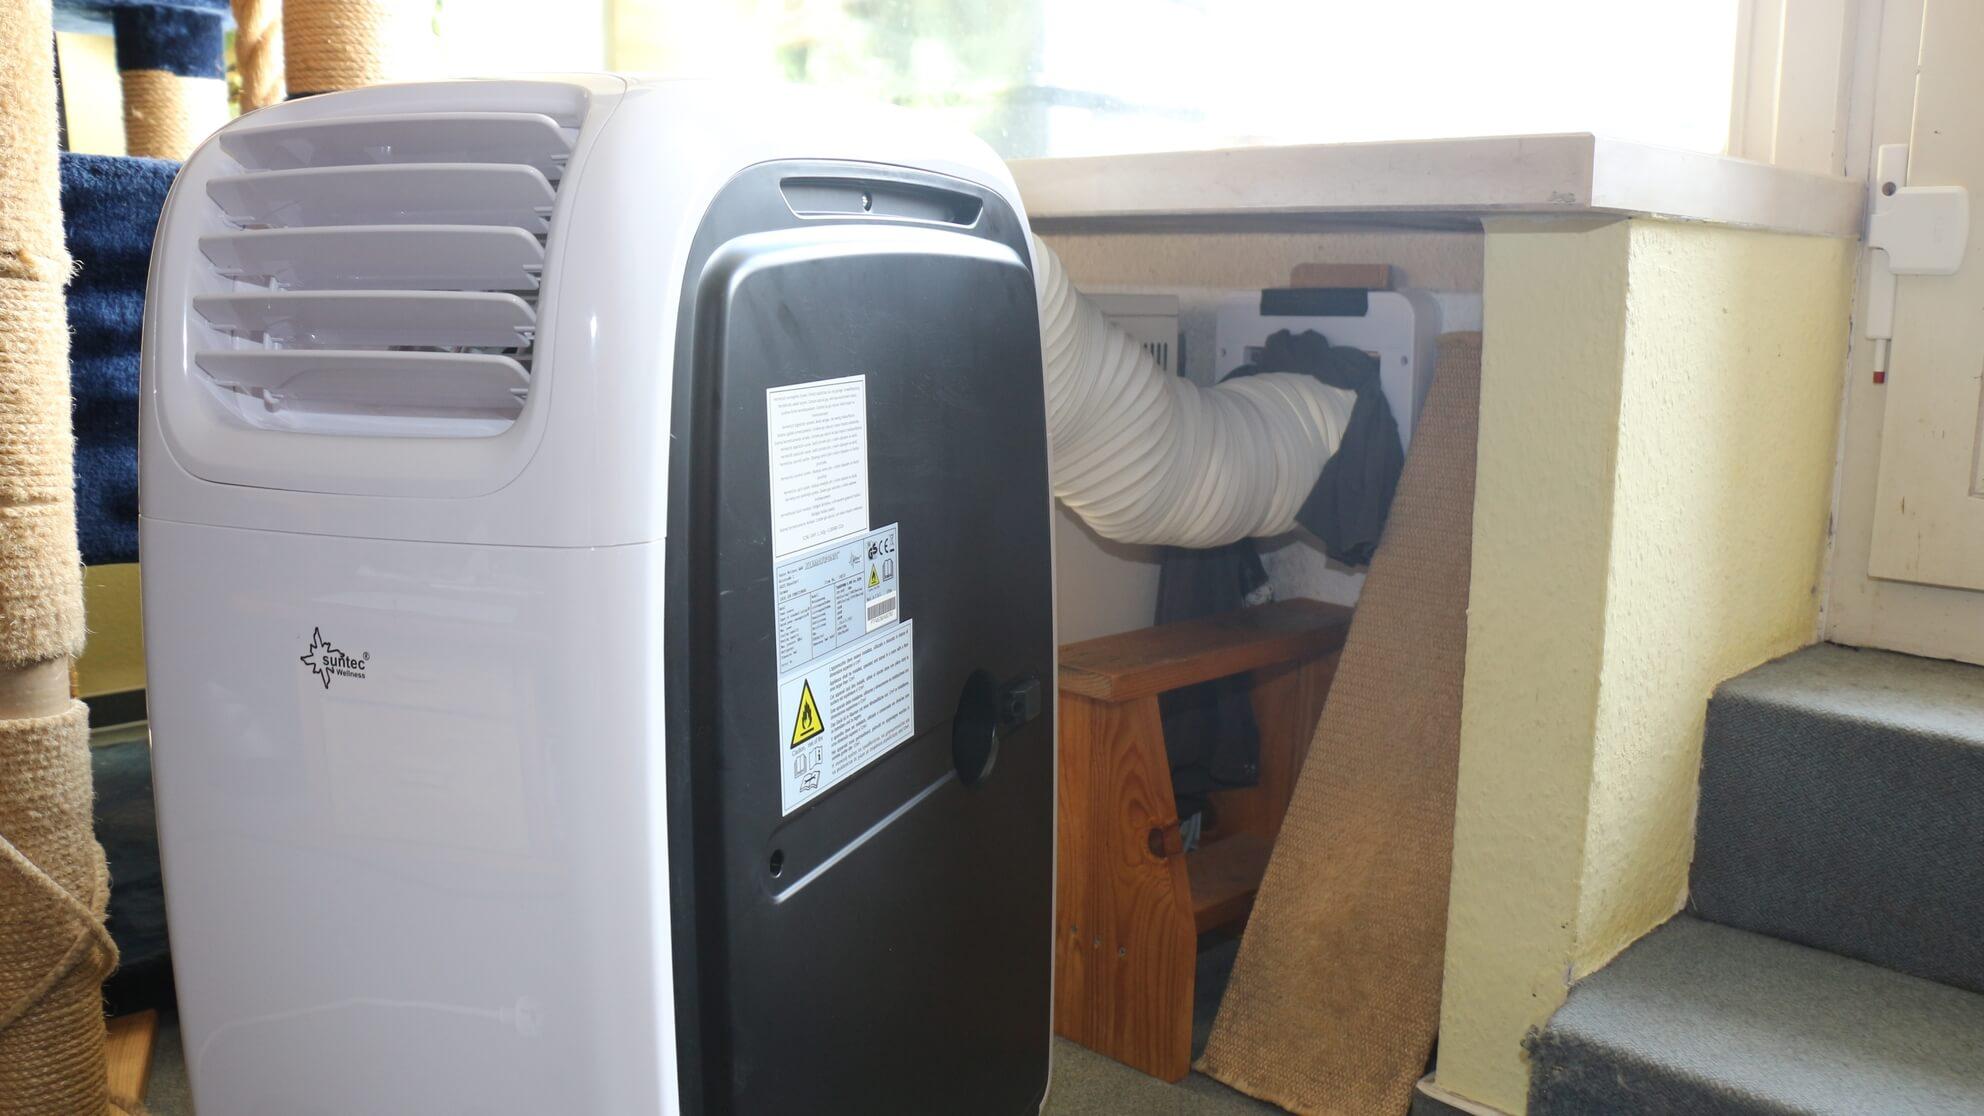 Lärm und kalte Zugluft der Klimaanlage – sie kühlt nun im Nebenzimmer